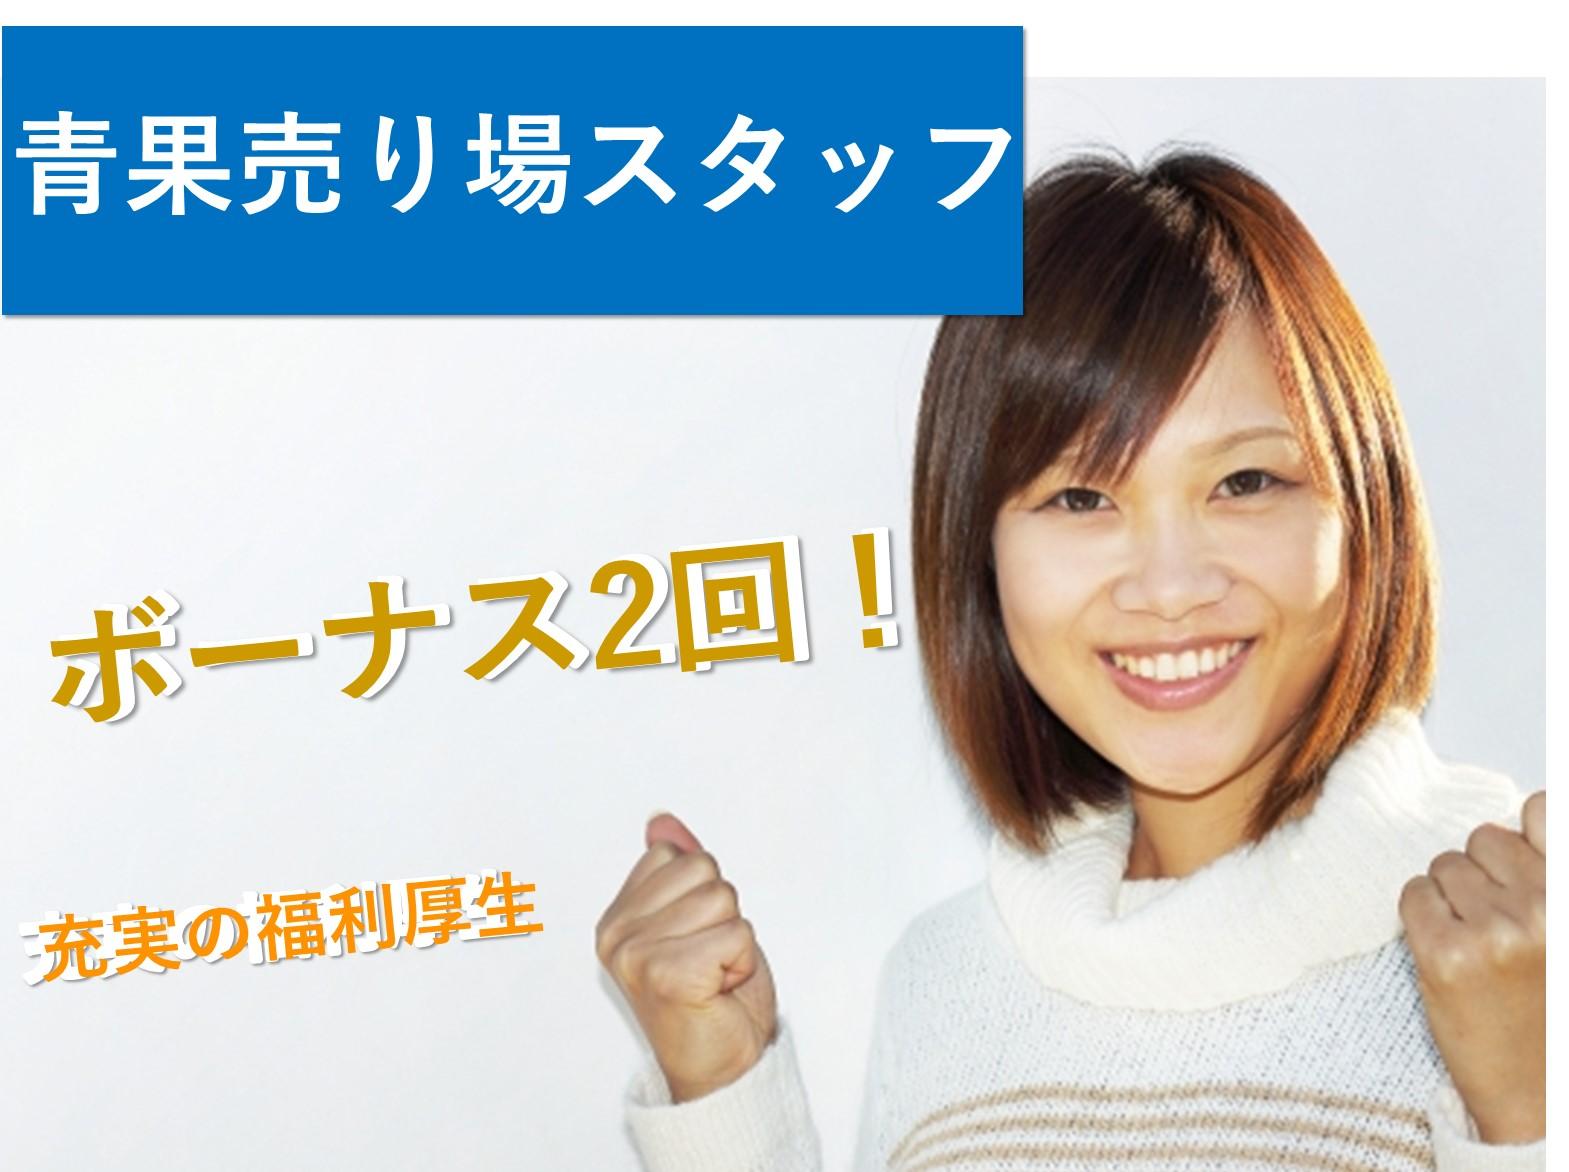 【急募】ボーナス2回♪社員割引制度あり◎食品スーパー青果売場スタッフ イメージ